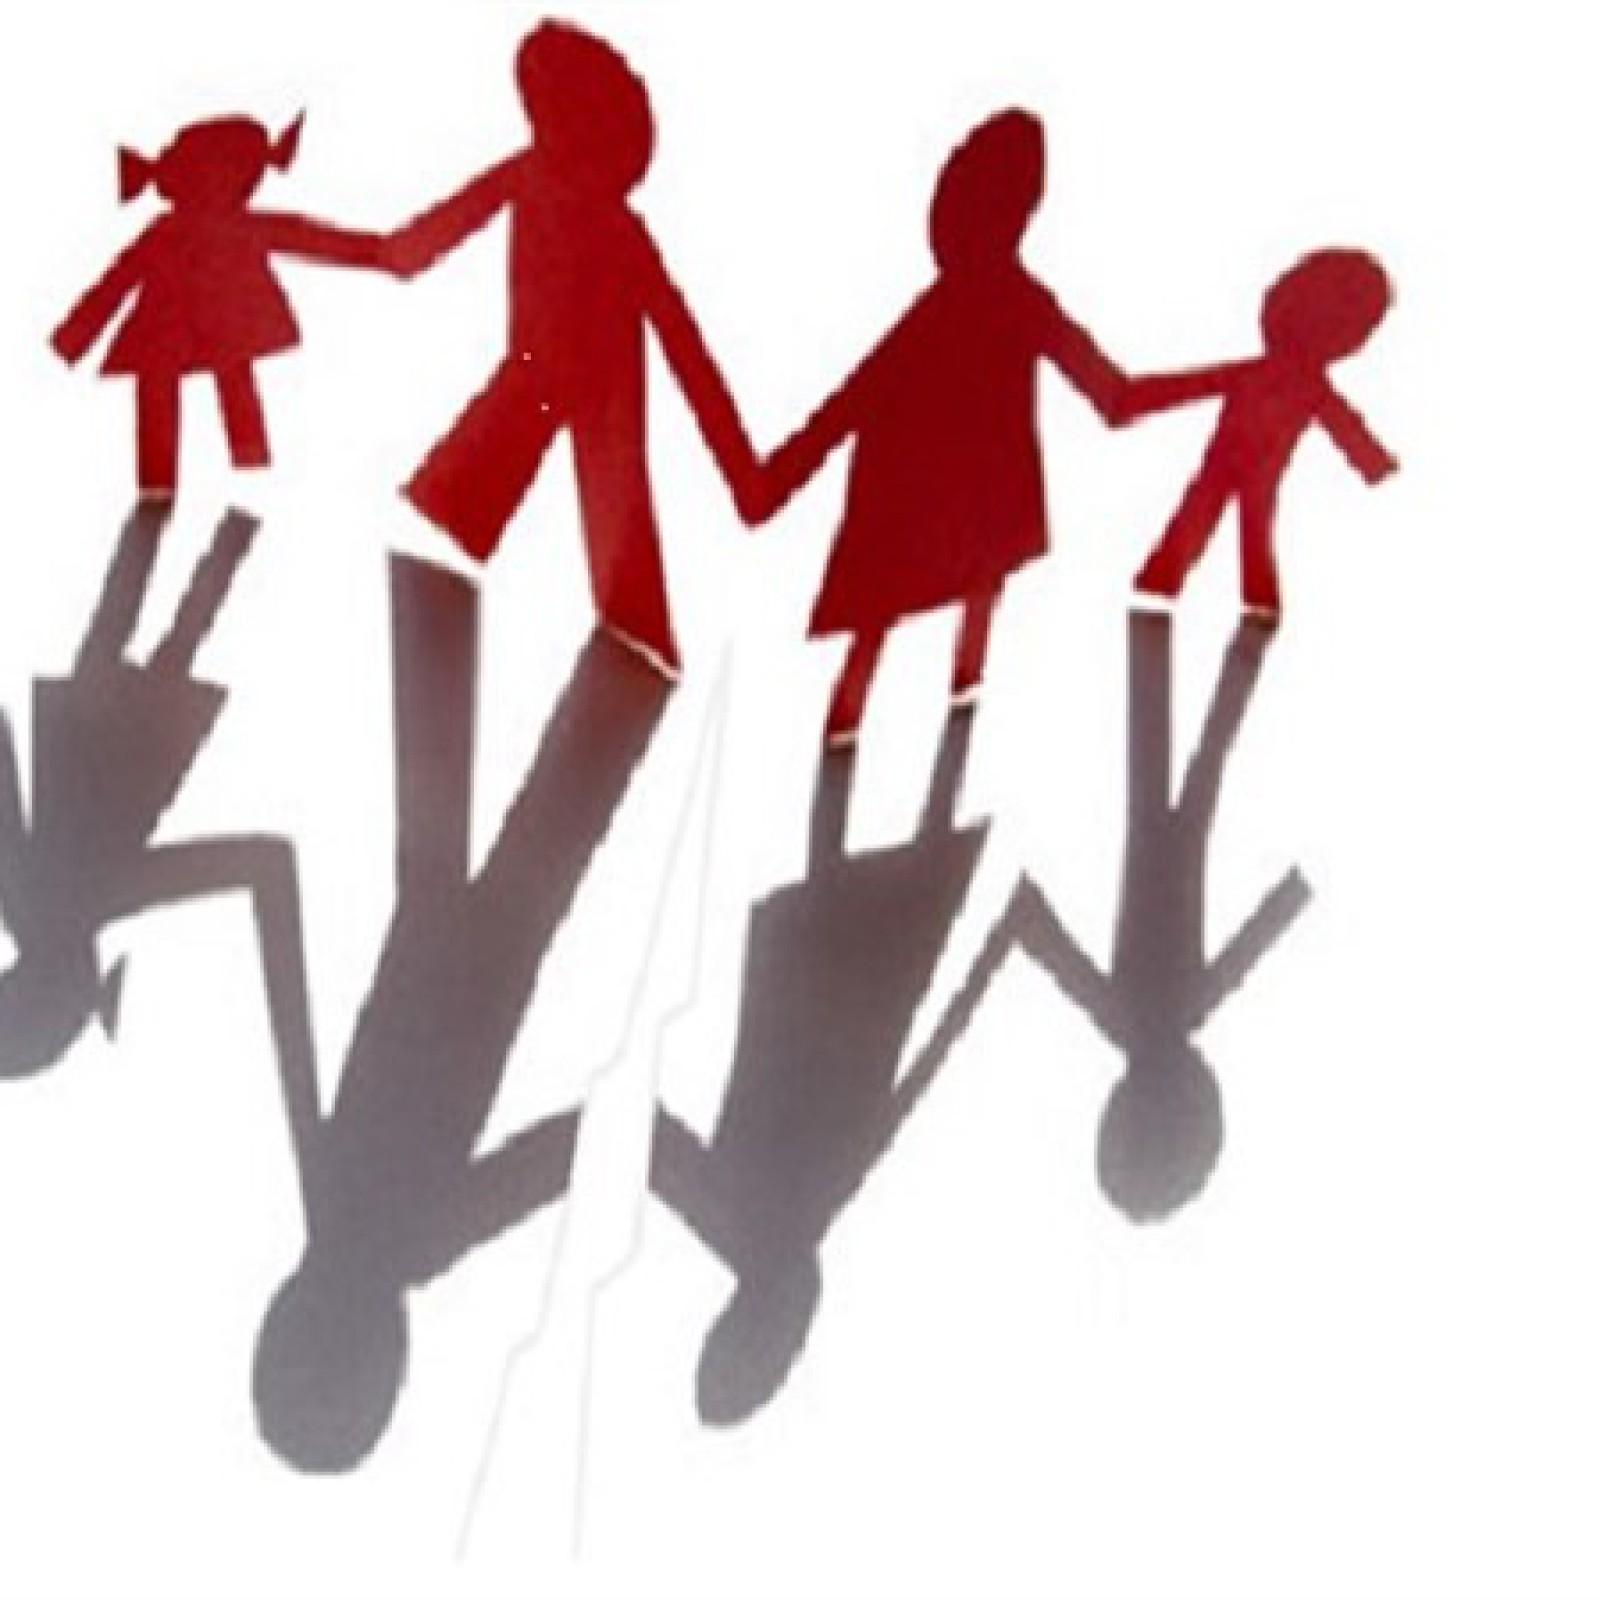 Stalking e maltrattamenti in famiglia: elementi differenziali